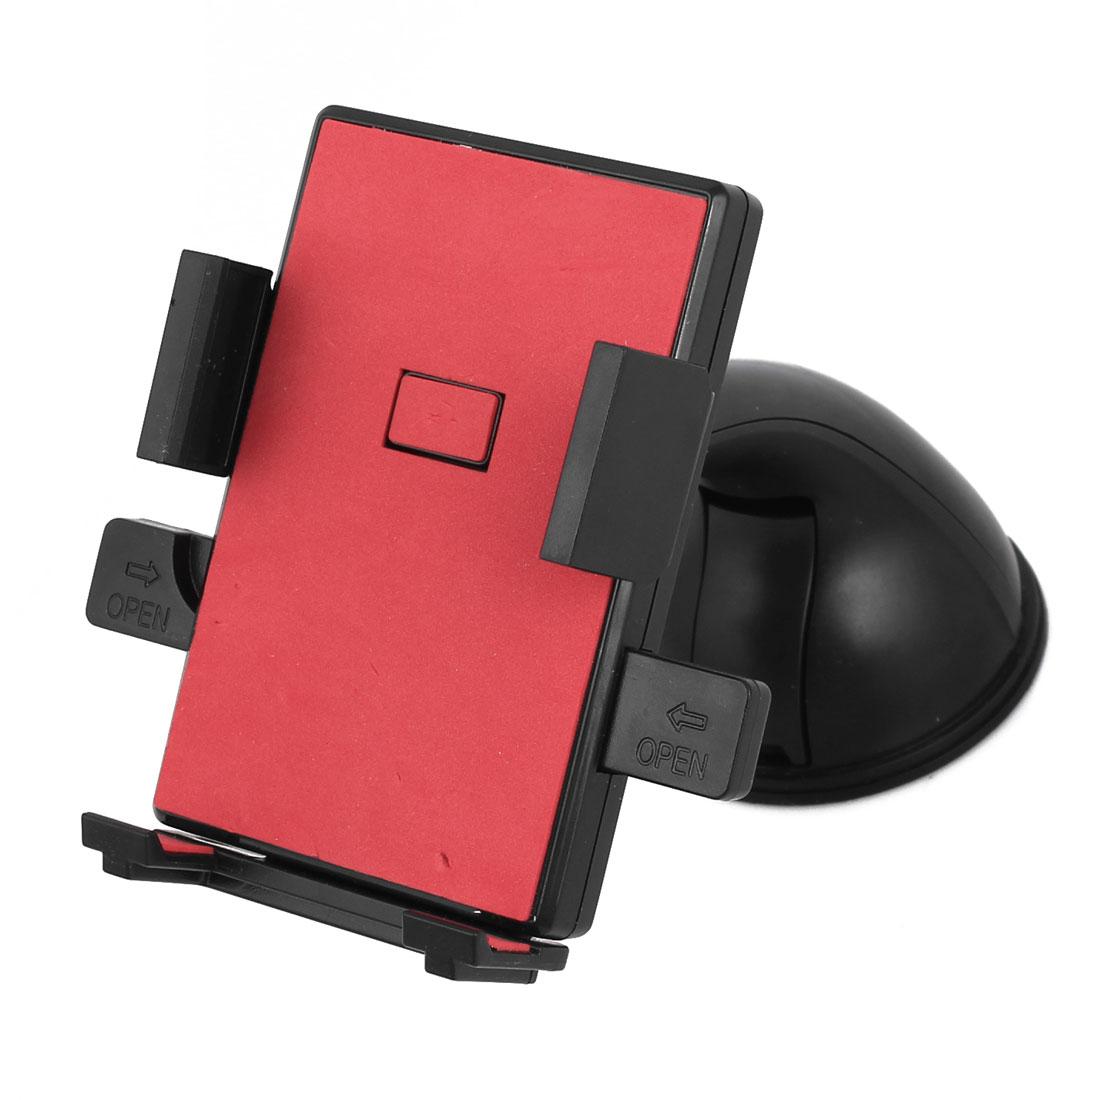 Car Windshield Dash Mount Adjustable 360 Degree Holder Black Red for Smartphone GPS